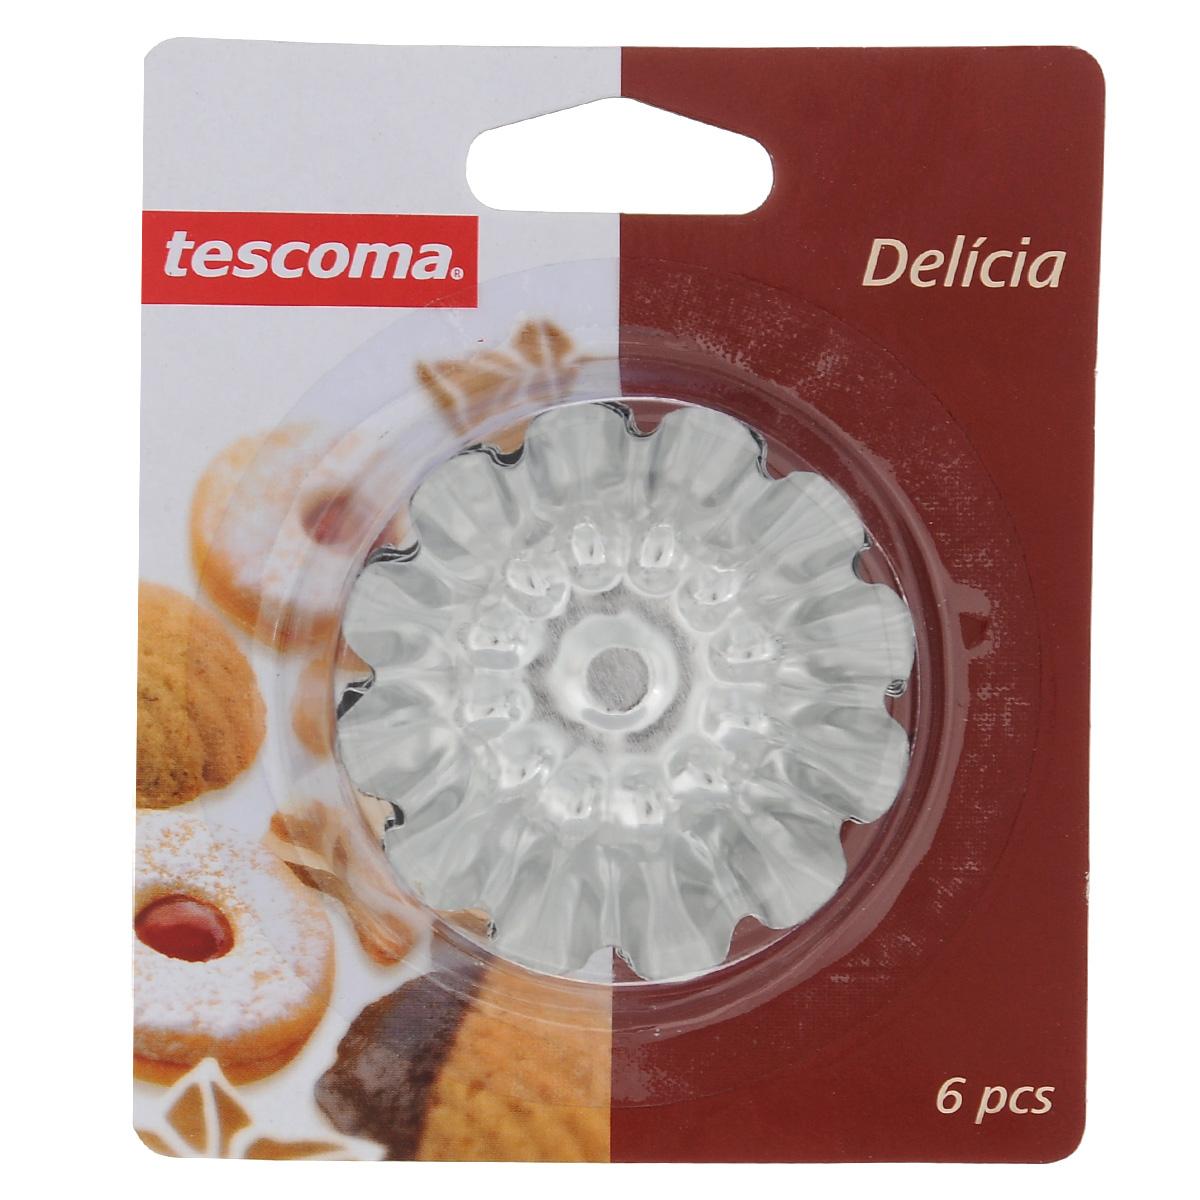 Набор форм для выпечки Tescoma Delicia, с антипригарным покрытием, диаметр 7 см, 6 шт631530Набор Tescoma Delicia состоит из 6 круглых форм с волнистыми рельефными краями для выпечки кексов. Изделия выполнены из нержавеющей стали с антипригарным покрытием, которое предотвращает прилипание пищи. Это позволит легко извлечь выпечку из формы, просто перевернув ее. Формы замечательно подходят для приготовления кексов, сладкого, соленого печенья и других десертов. После использования вымойте и вытрите формы. Нельзя использовать в посудомоечной машине. Диаметр по верхнему краю: 7 см.